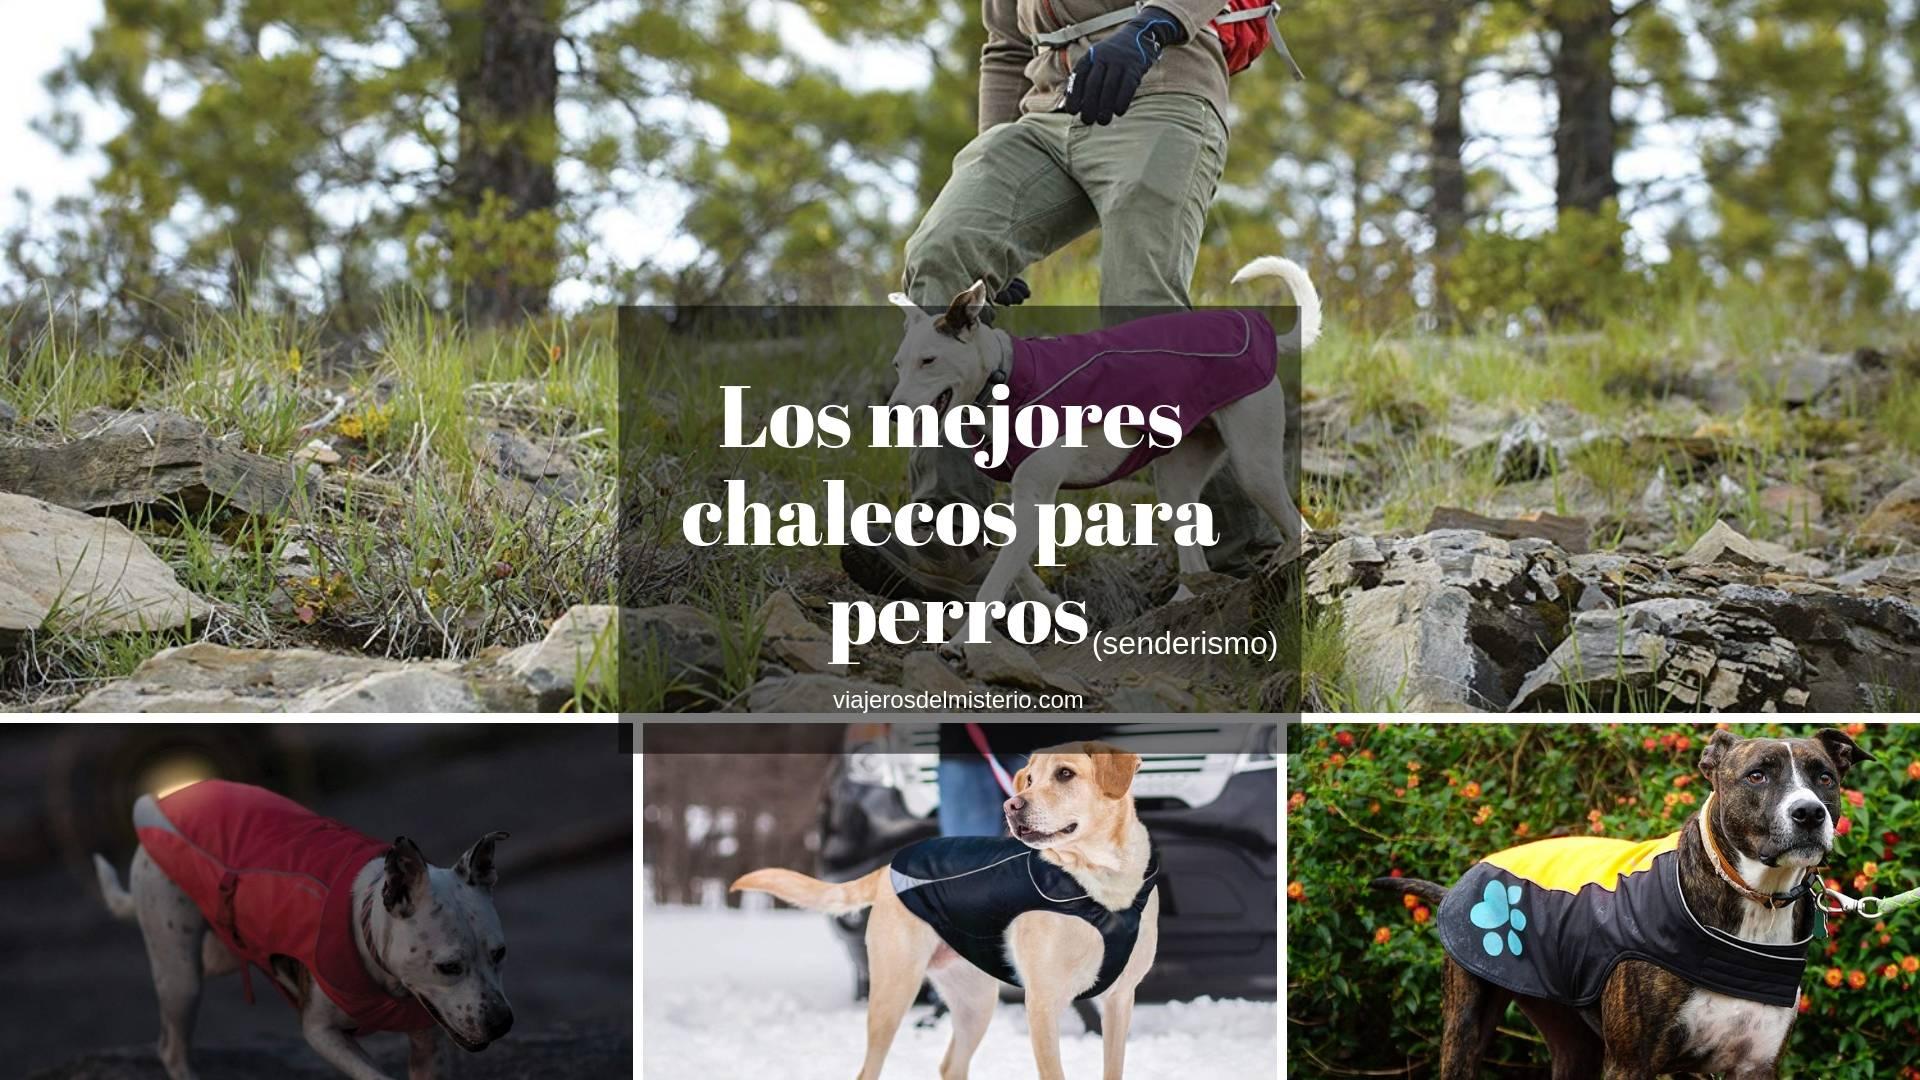 Los mejores chalecos para perros